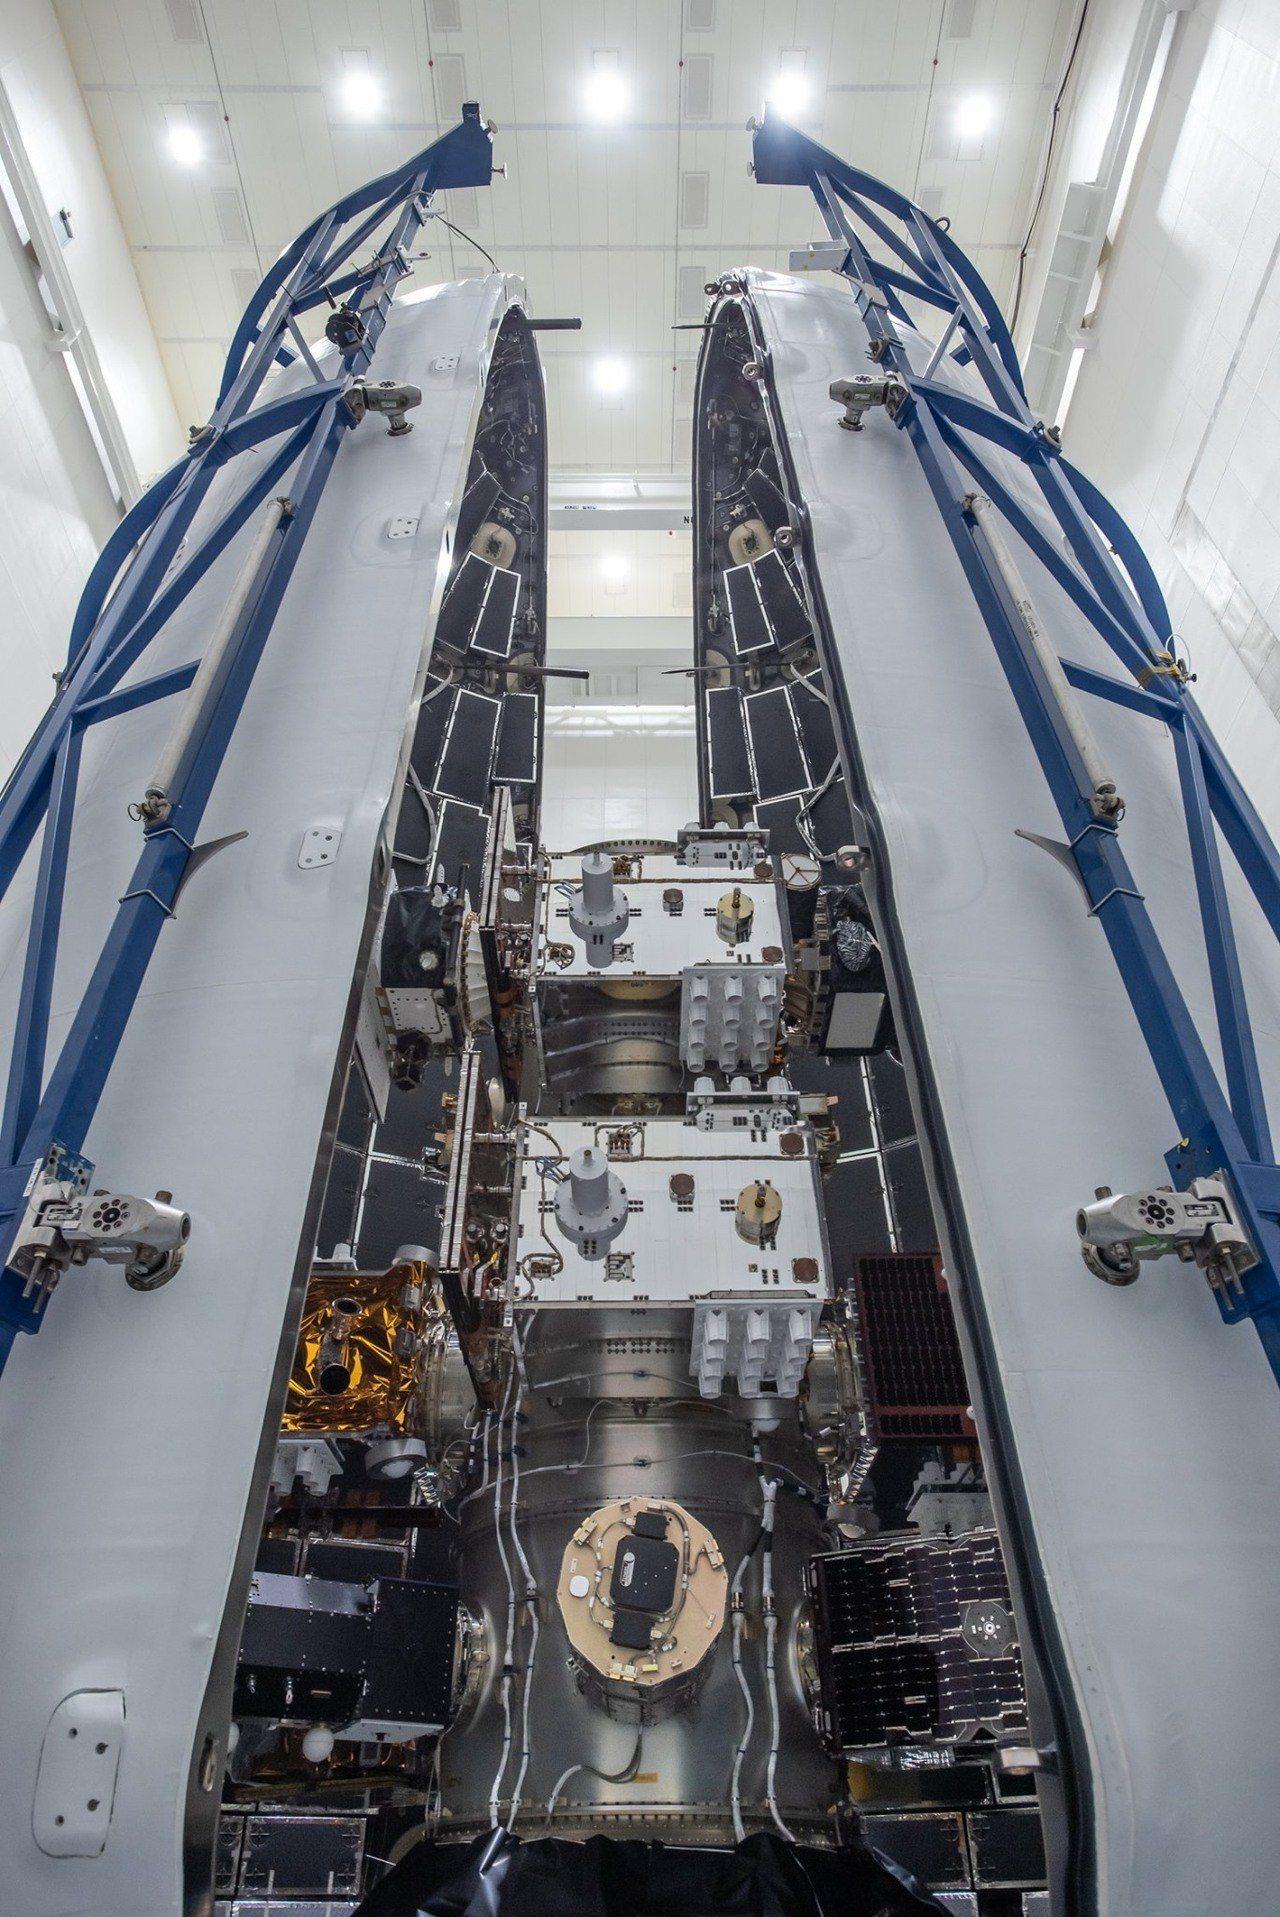 6月22日STP-2 任務所有24枚衛星都在轉接環上,火箭酬載艙準備封裝。圖/國...